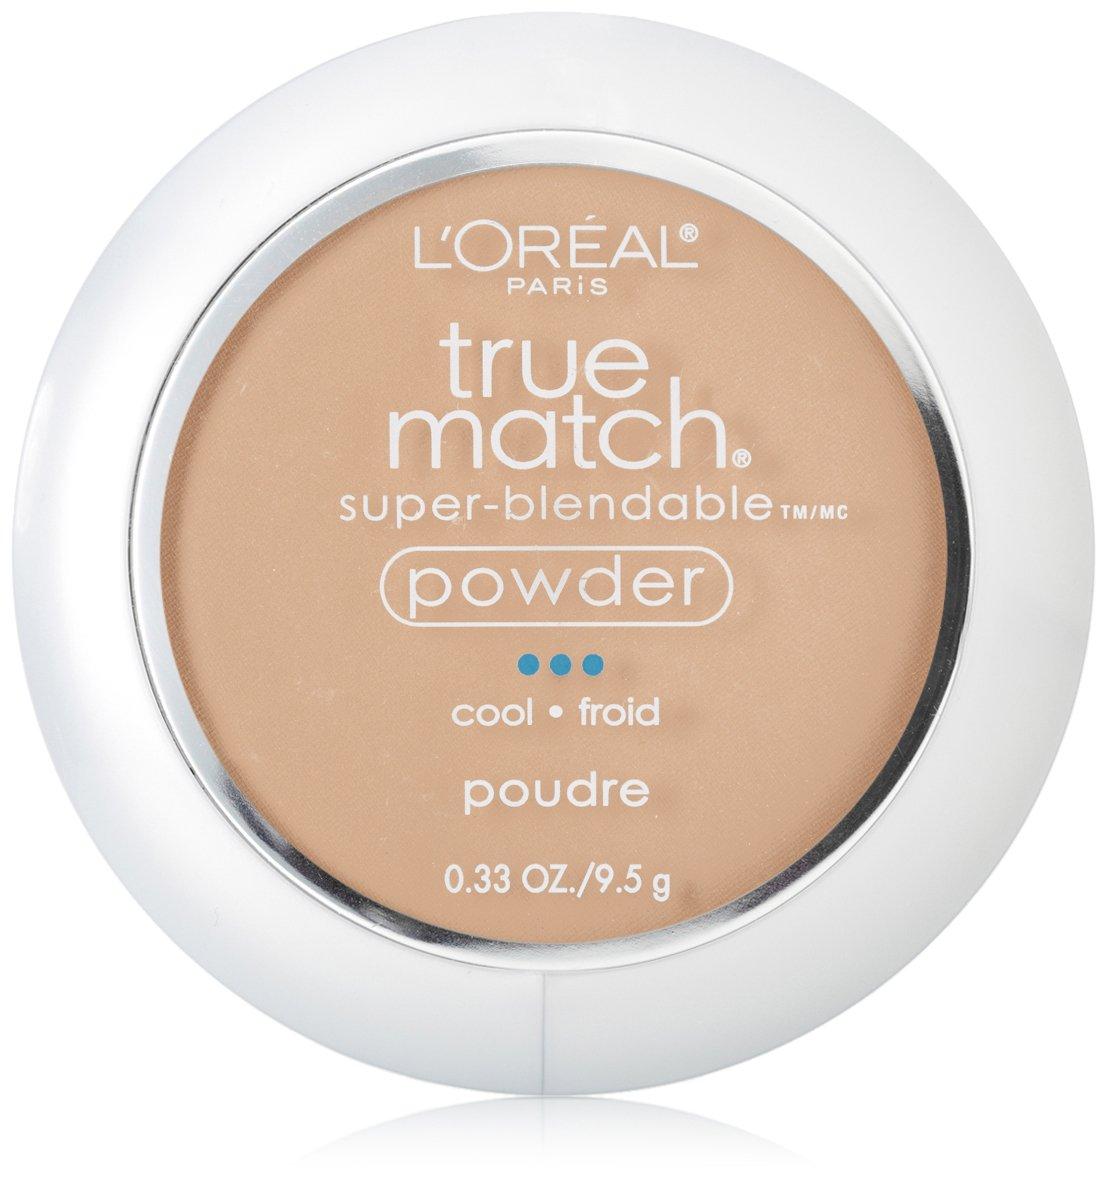 L'Oréal Paris True Match Super-Blendable Powder, Creamy Natural, 0.33 oz.